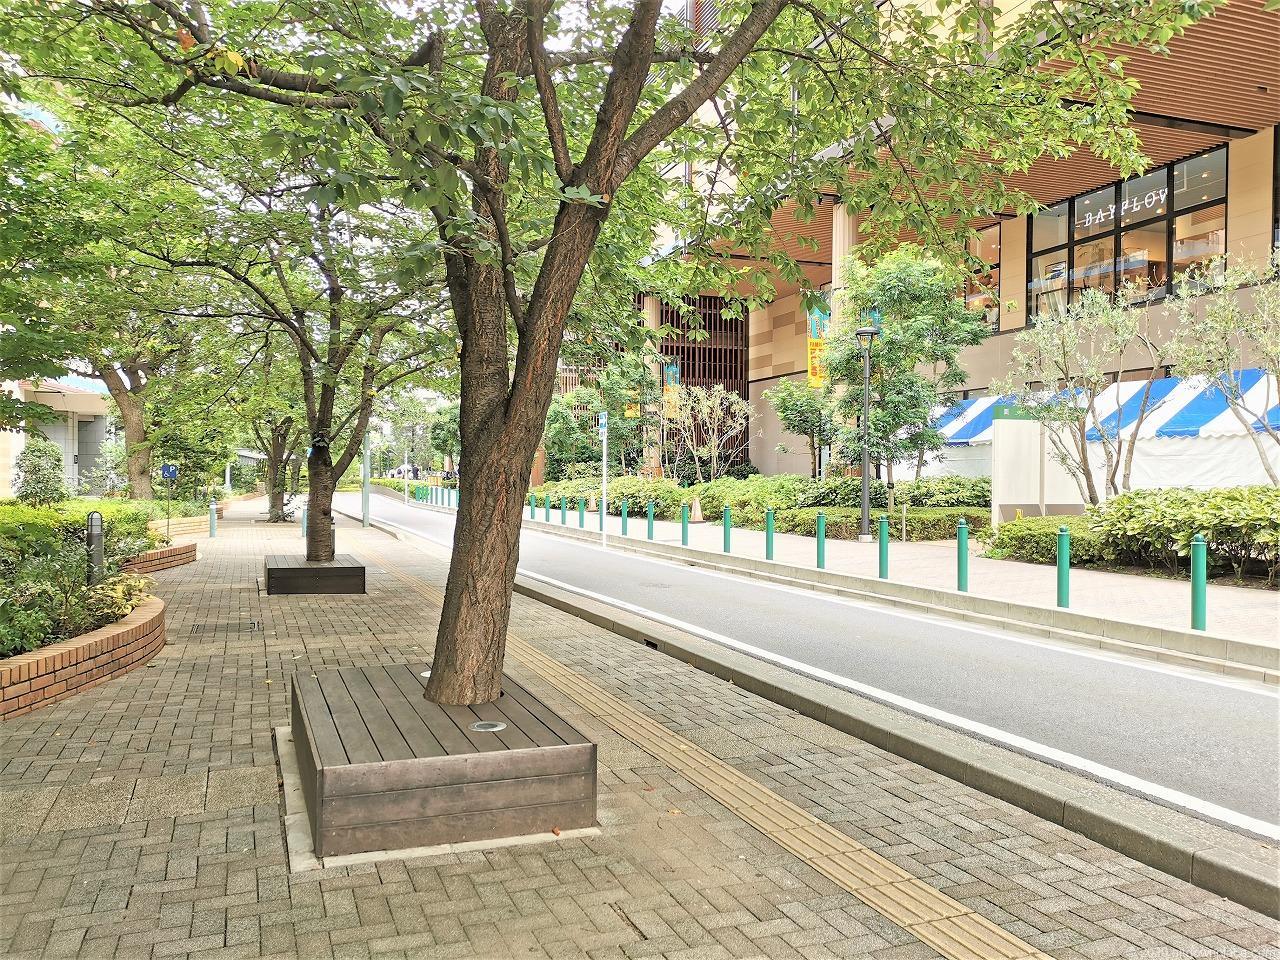 武蔵小杉駅 ミッドスカイタワー グランツリー前の木製ベンチ